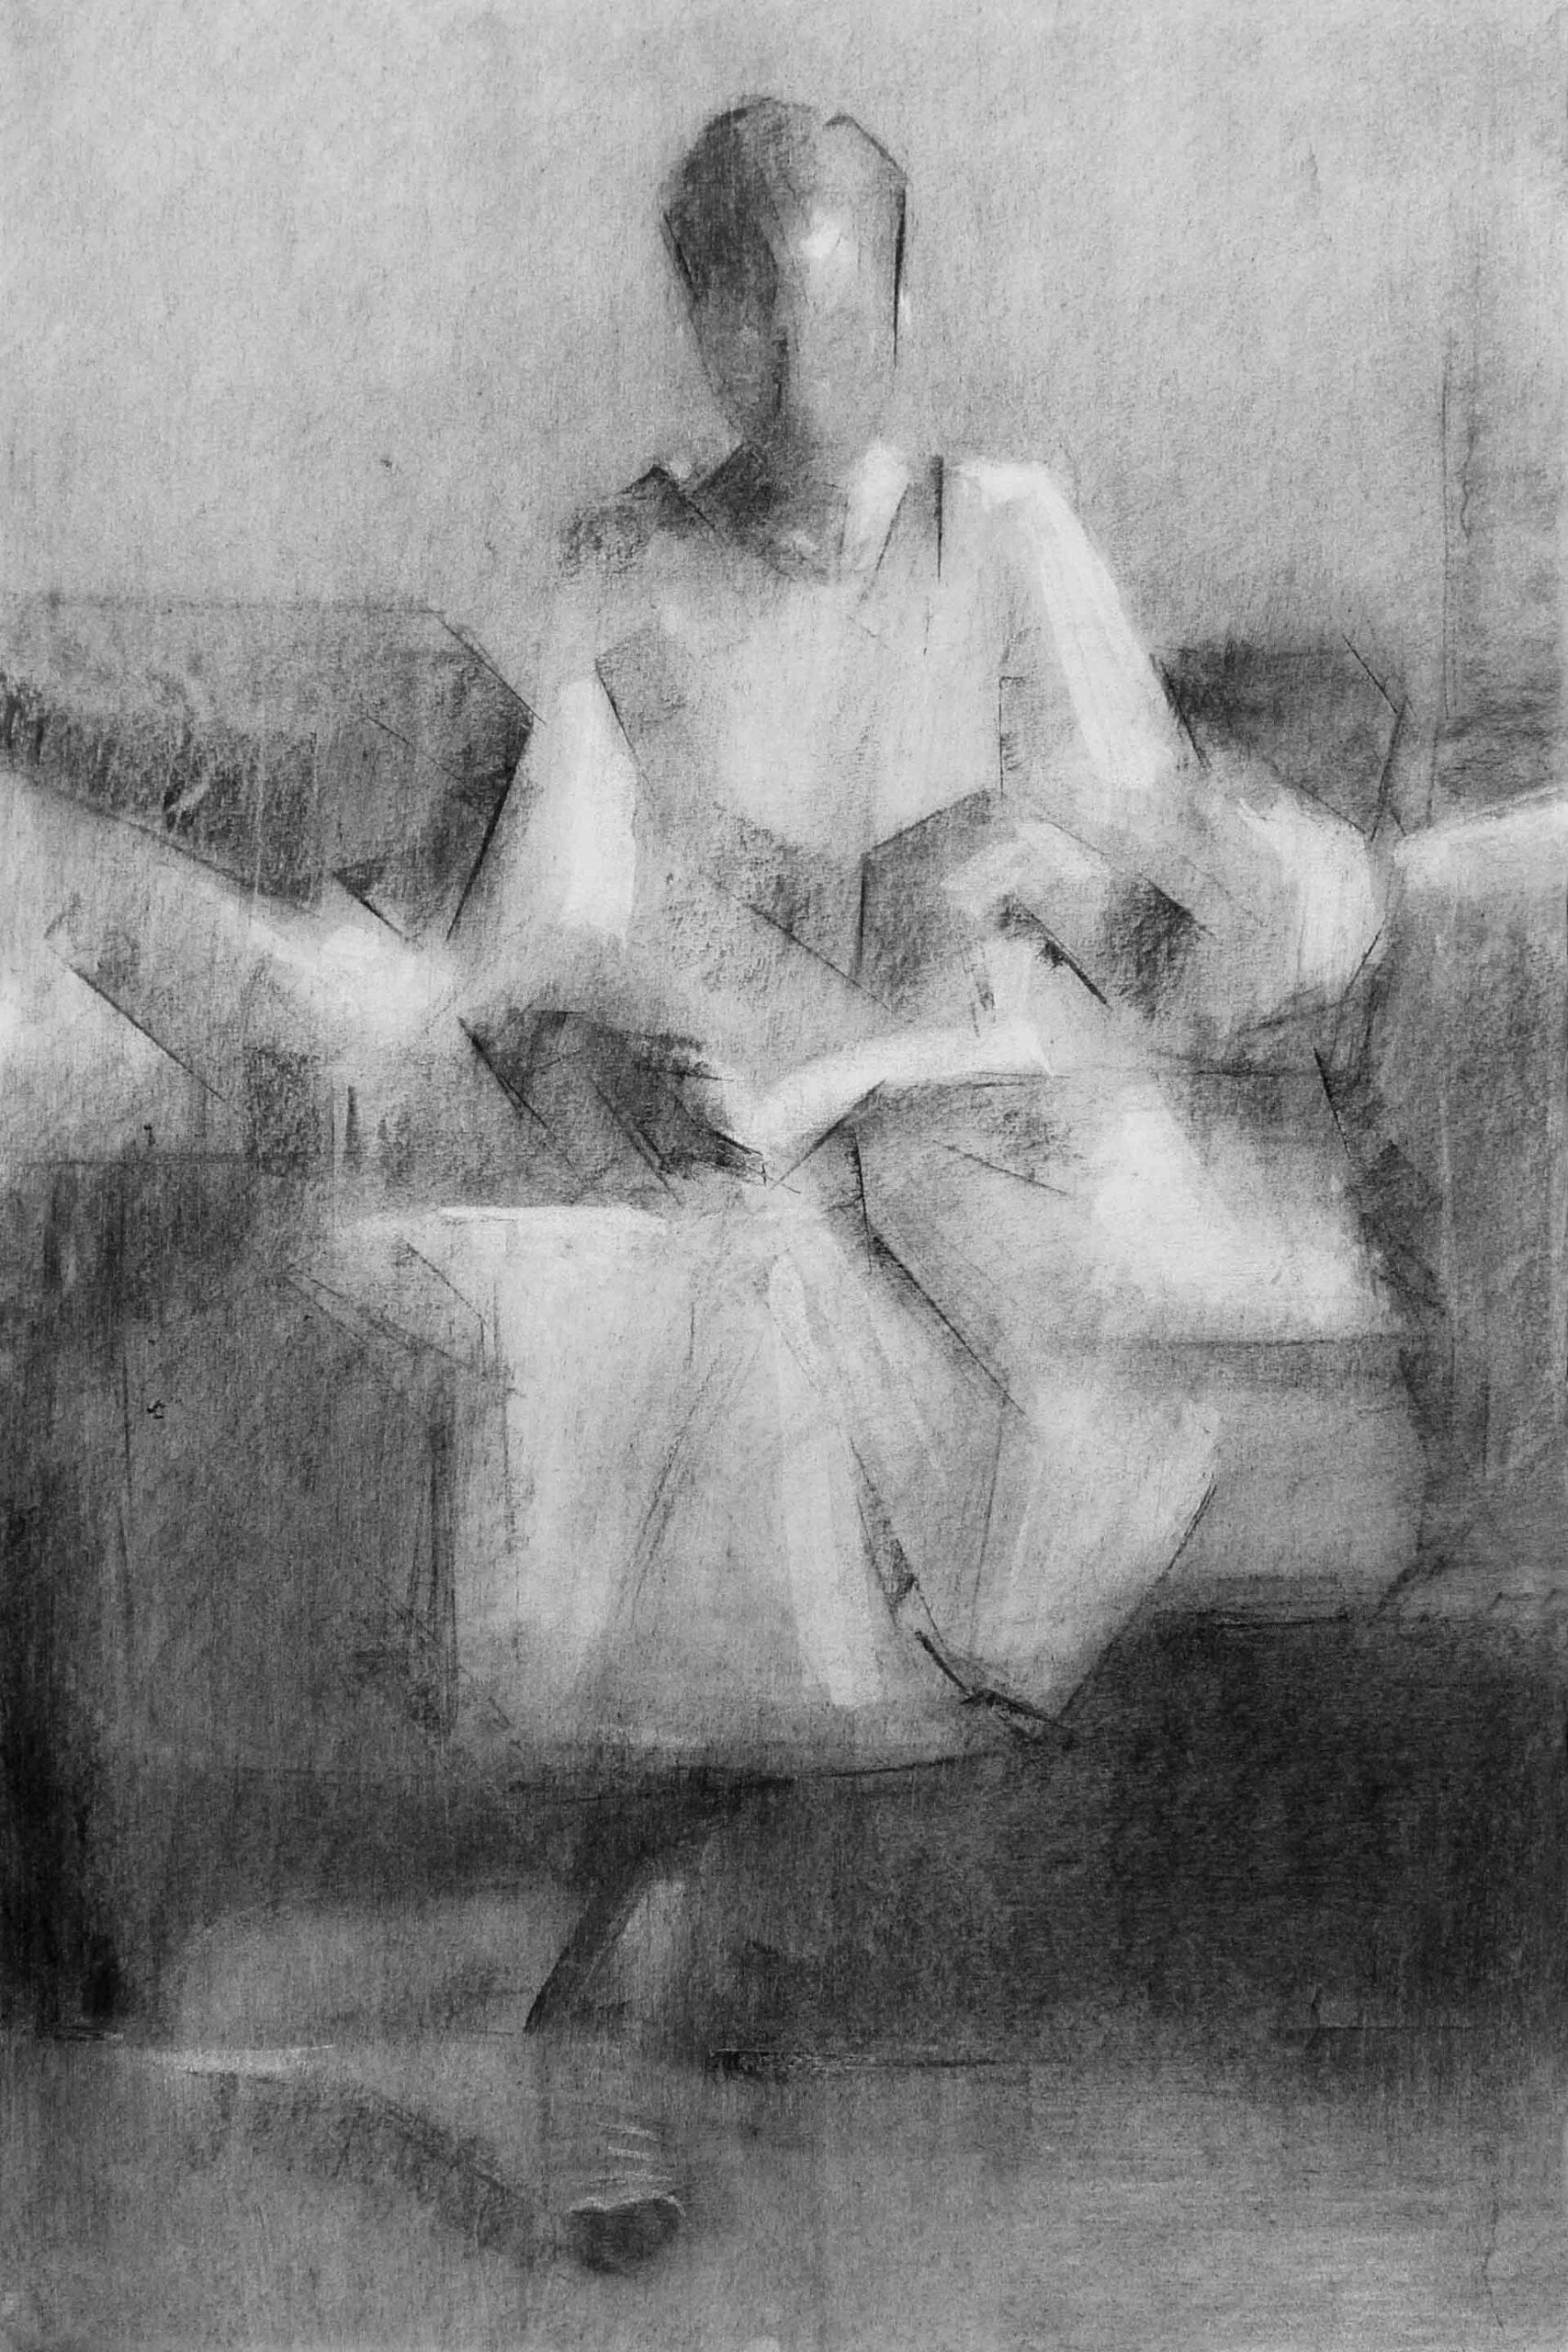 עותק-של-Tigist-Ron-Yoseph-HOME-Self-Portrait-2021-Charcoal-on-paper-1